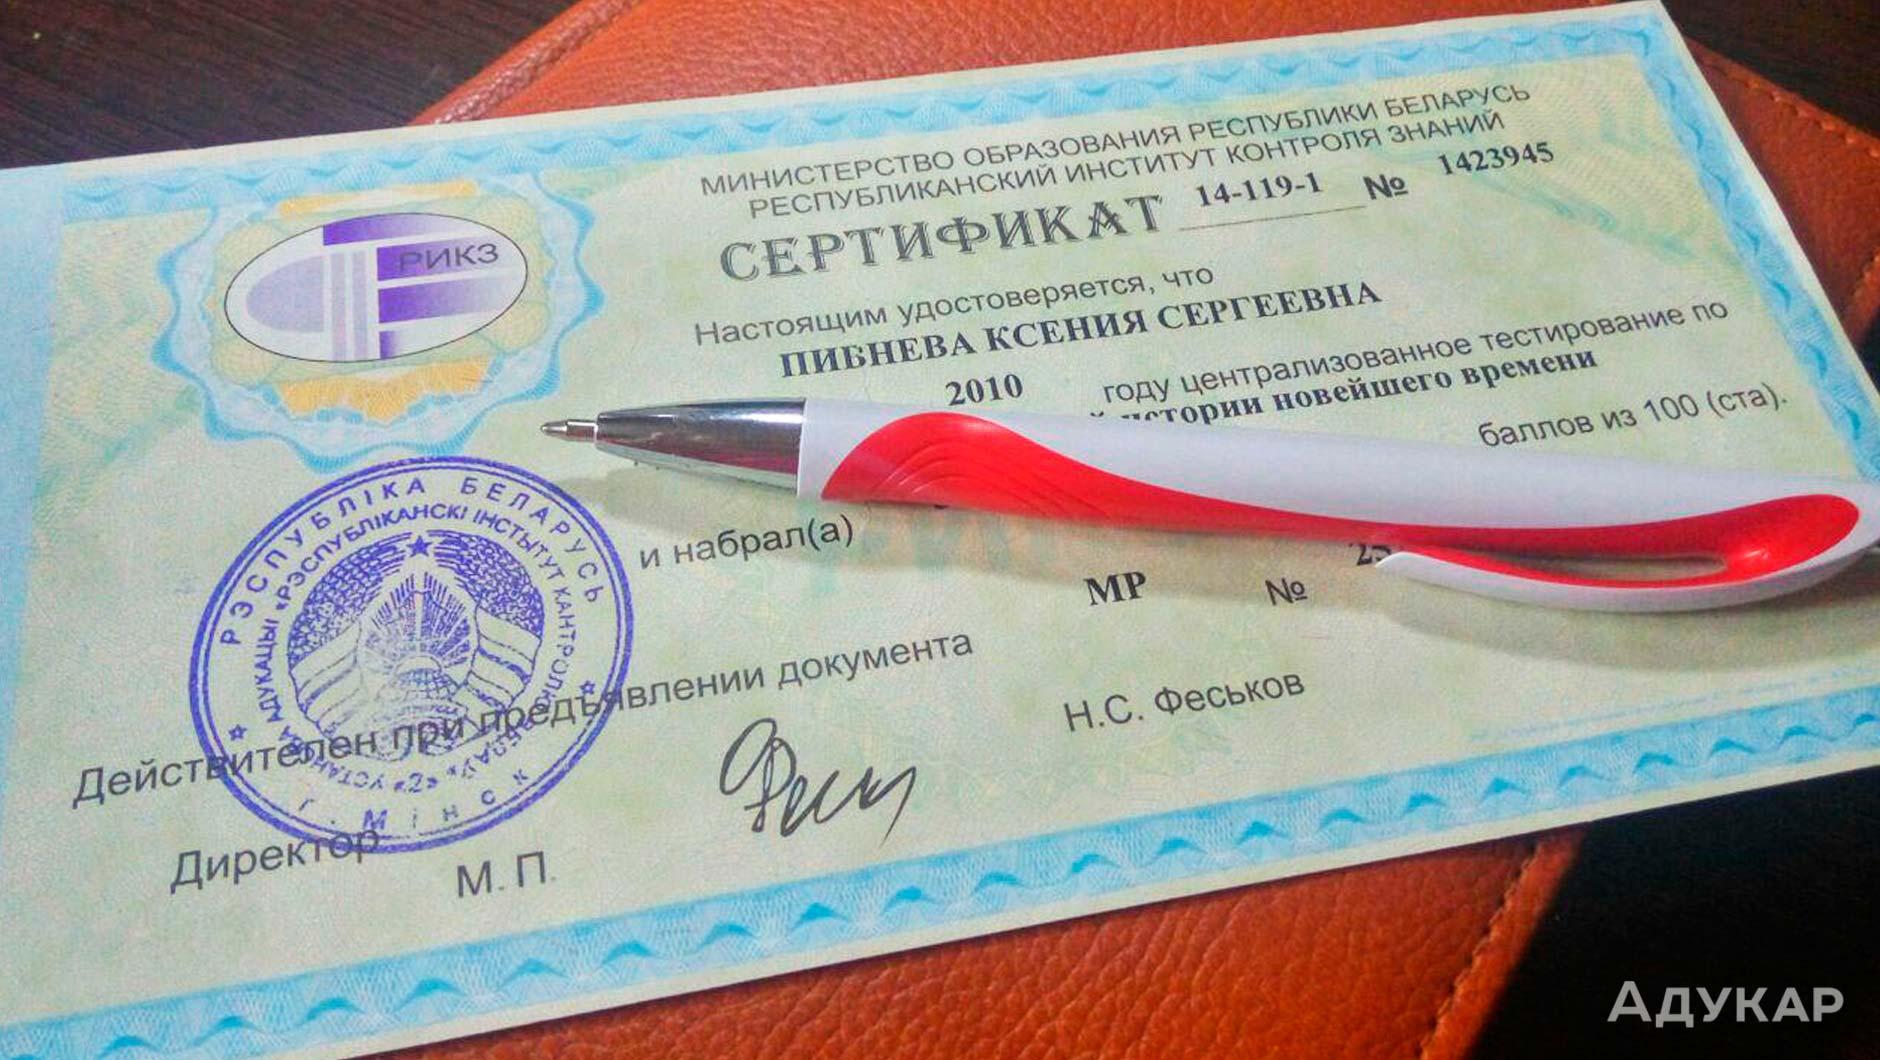 В том случае, когда абитуриент забрал документы из вуза или колледжа, оригинал сертификата ему не вернут. Поступающему нужно будет обратиться за дубликатом в РИКЗ